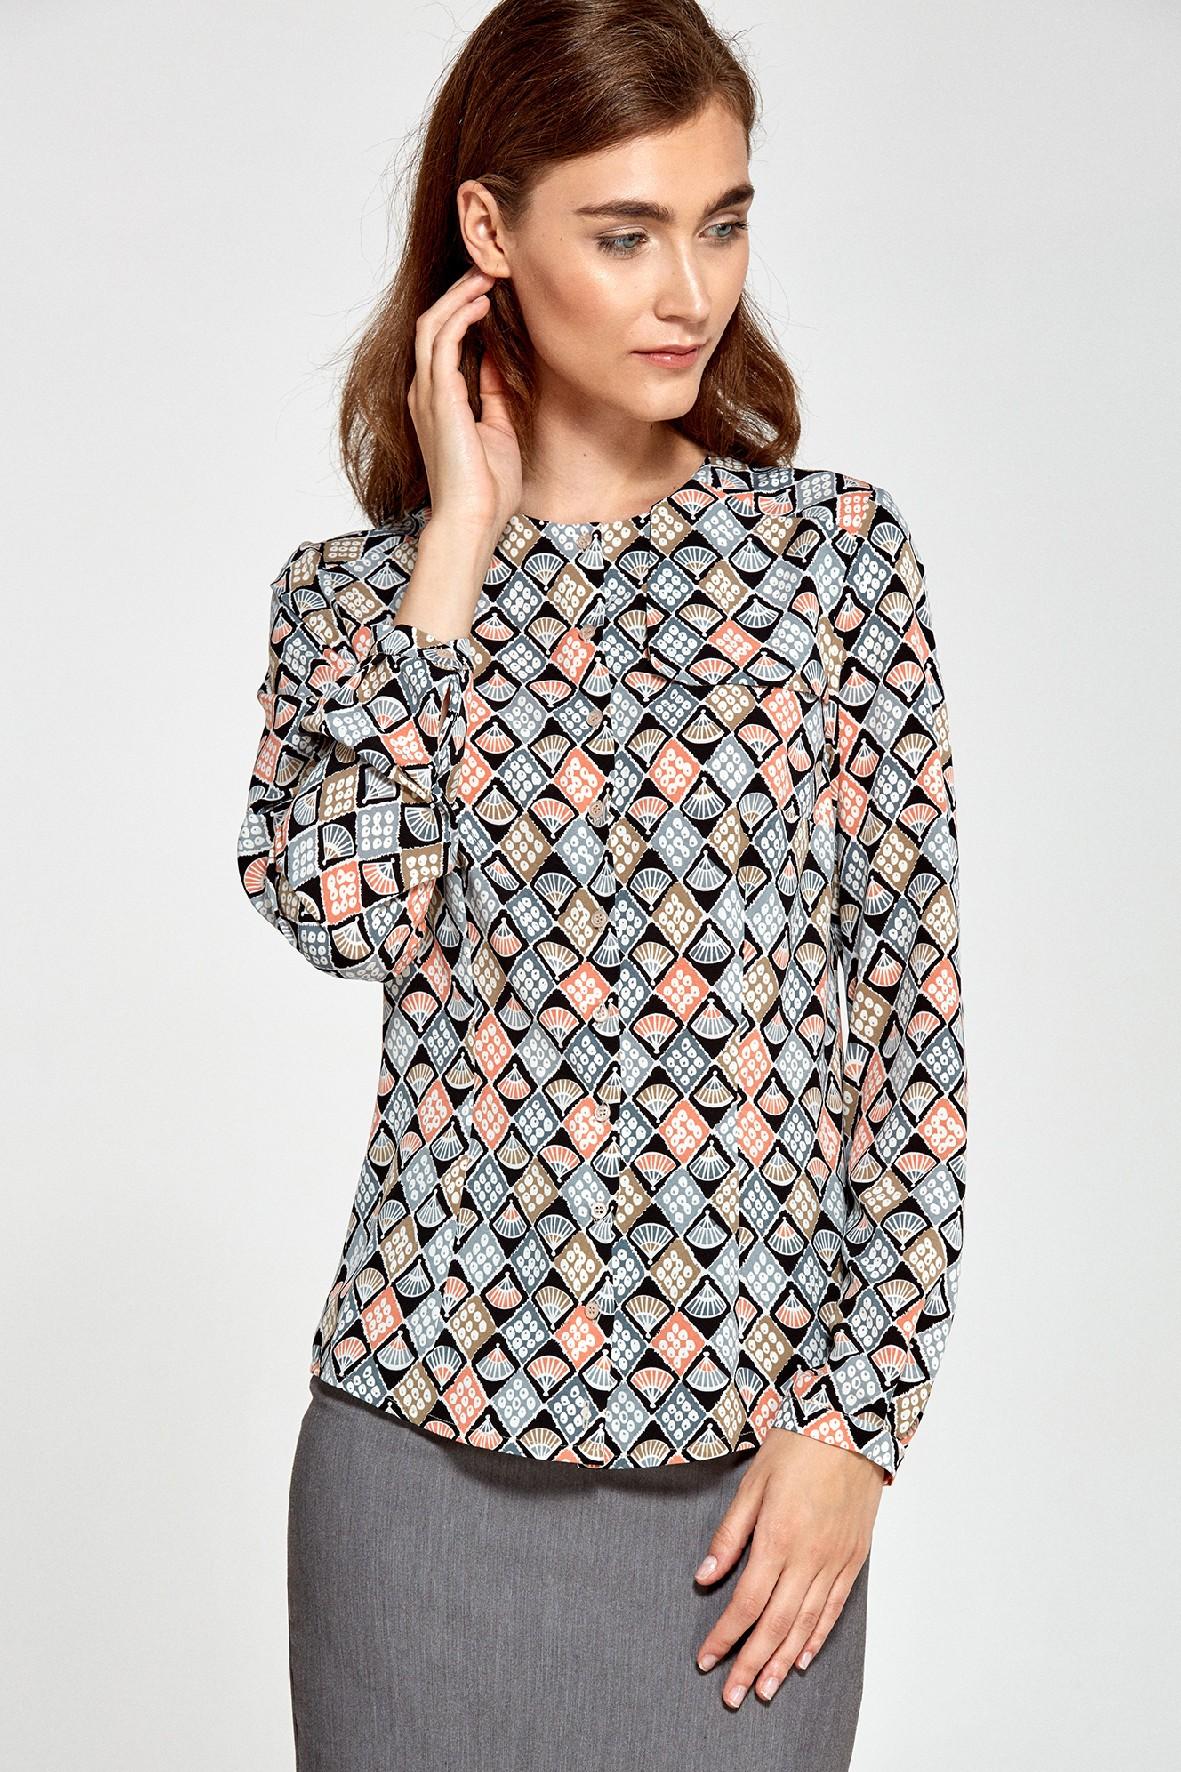 Bluzka damska z ozdobną klapą po lewej stronie we wzór